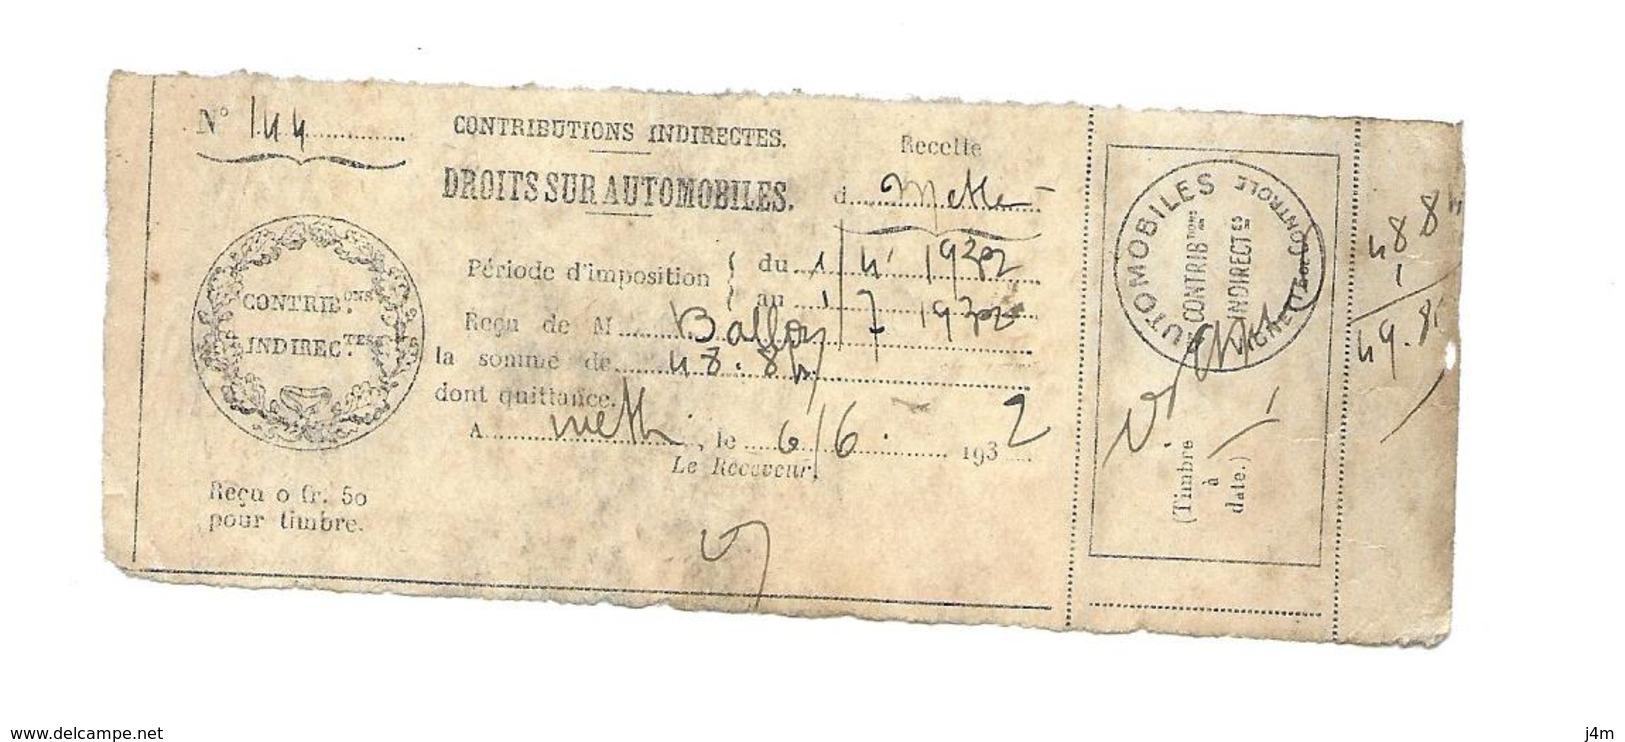 TIMBRES FISCAUX....RARE..VIGNETTE De CONTROLE AUTOMOBILES De 1932, Attenant à La Quittance - Fiscaux